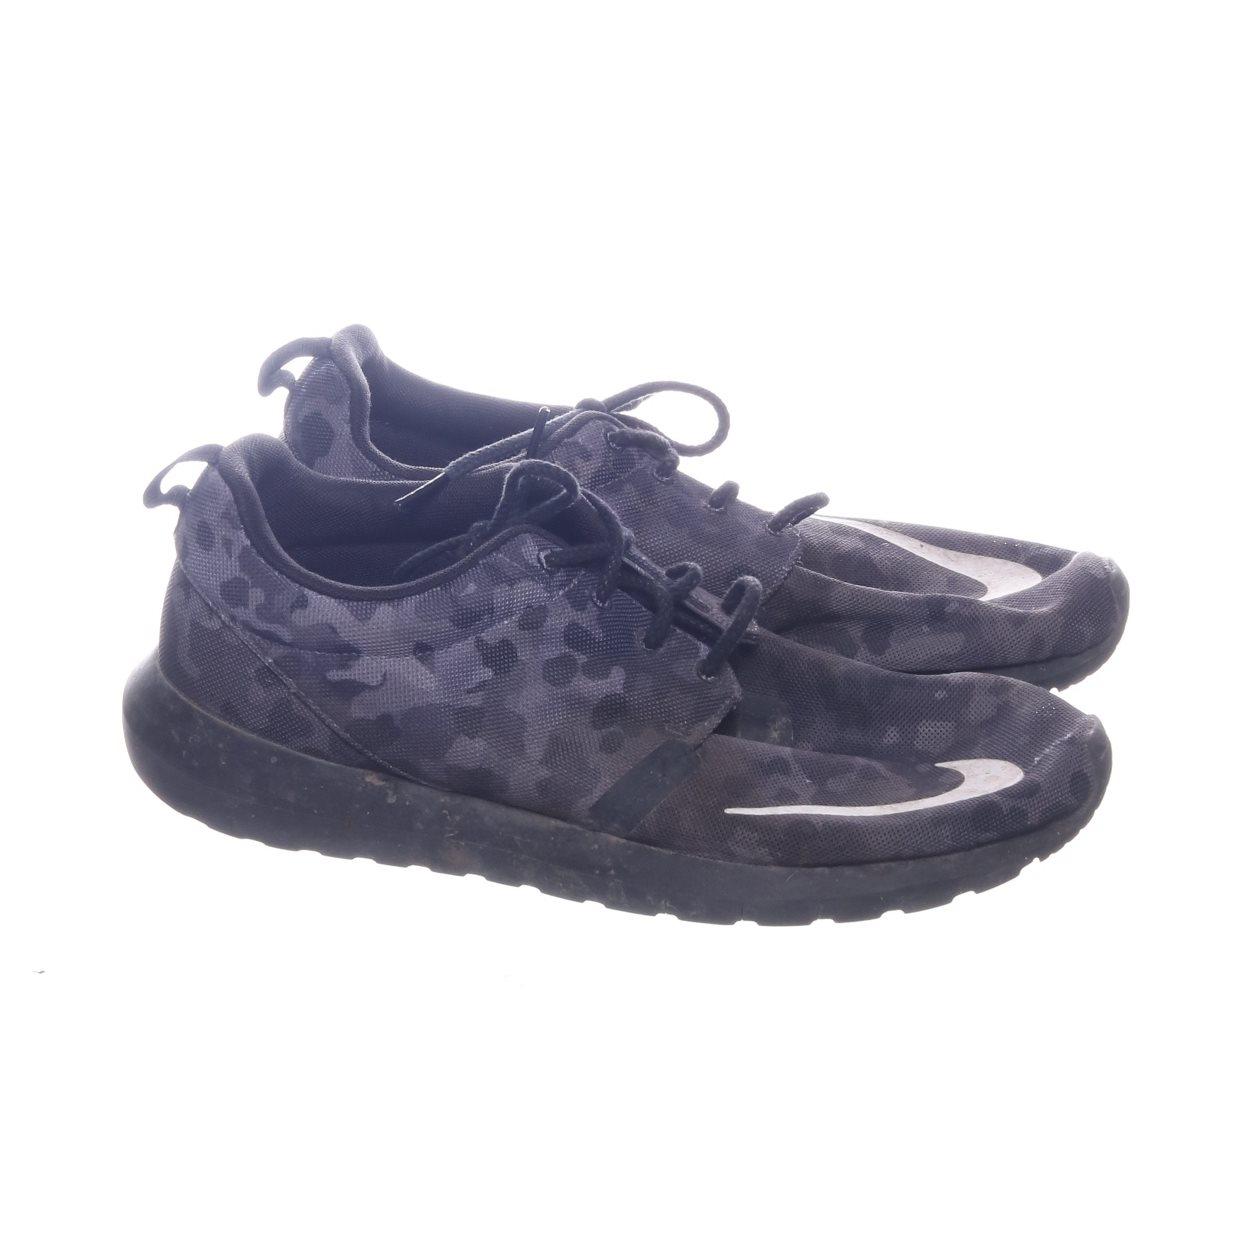 official photos 17912 deb2e Nike, Sneakers, Strl  42, 685196-001, Svart